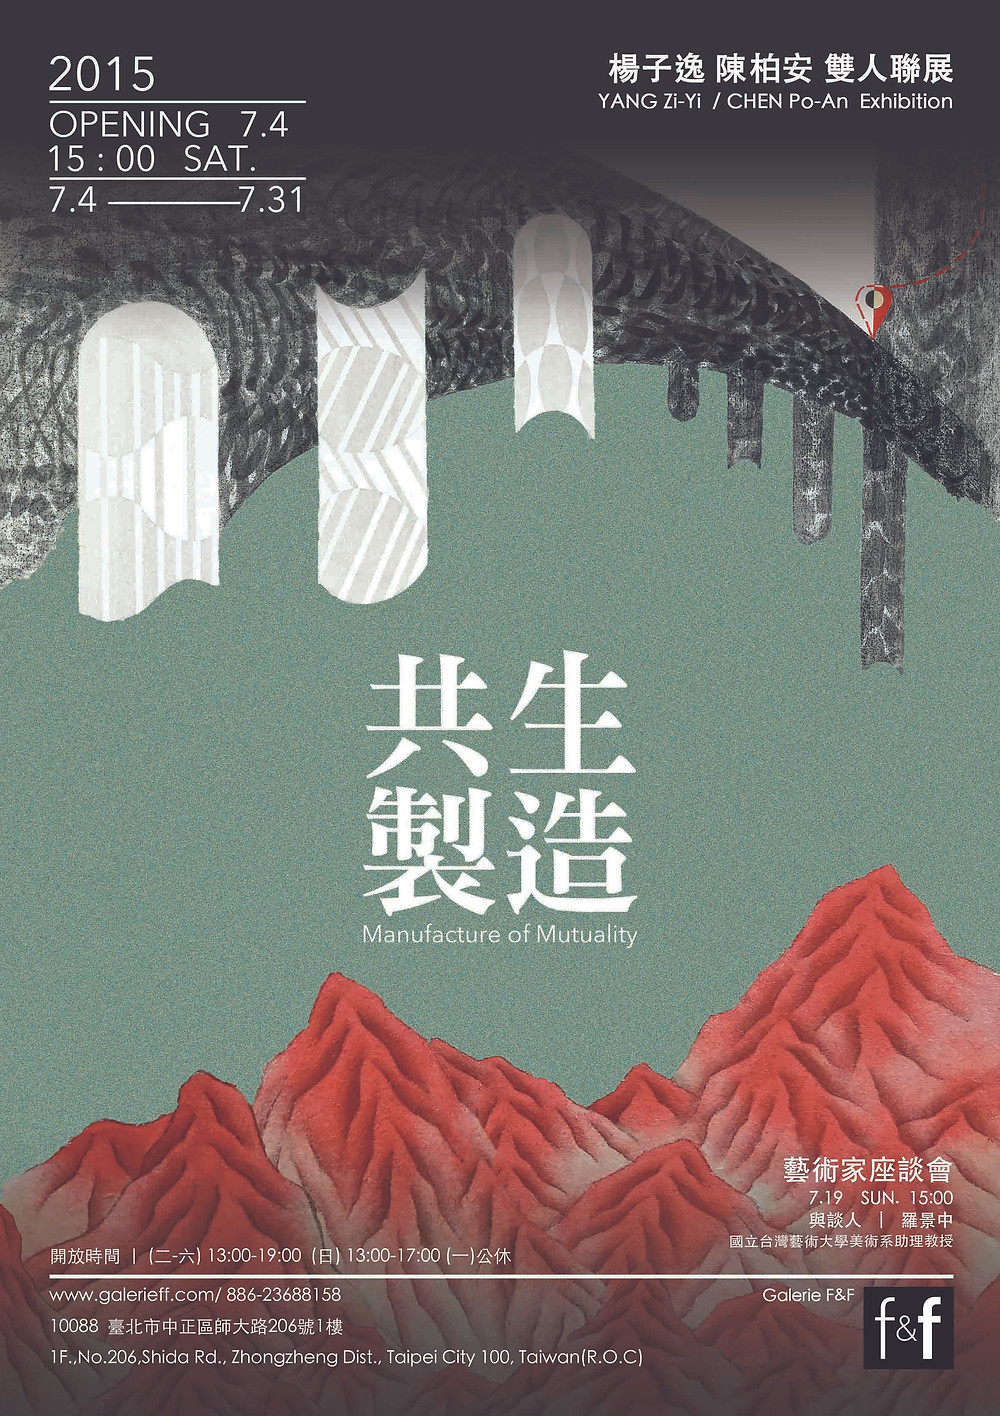 【共生製造】楊子逸 & 陳柏安 雙人聯展 @Galerie F&F